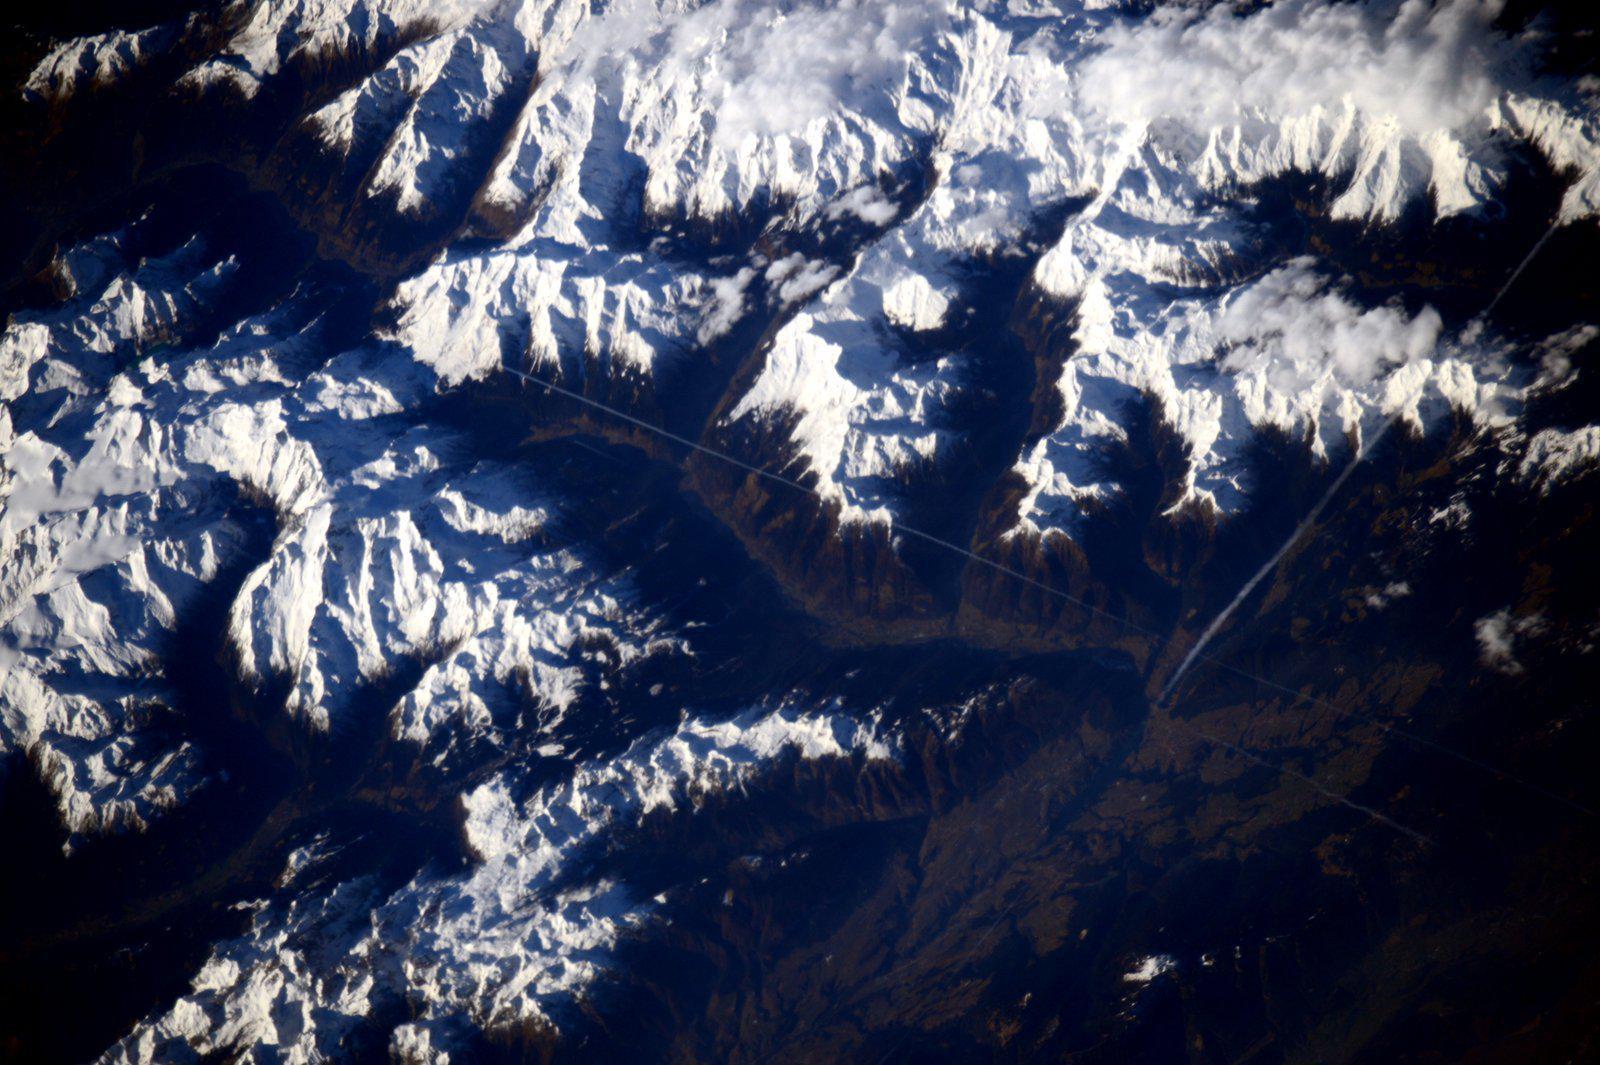 On #Christmas day: the Alpine valley where I grew up. Il giorno di #Natale, la valle alpina dove sono cresciuta. http://t.co/o1rNL9B191